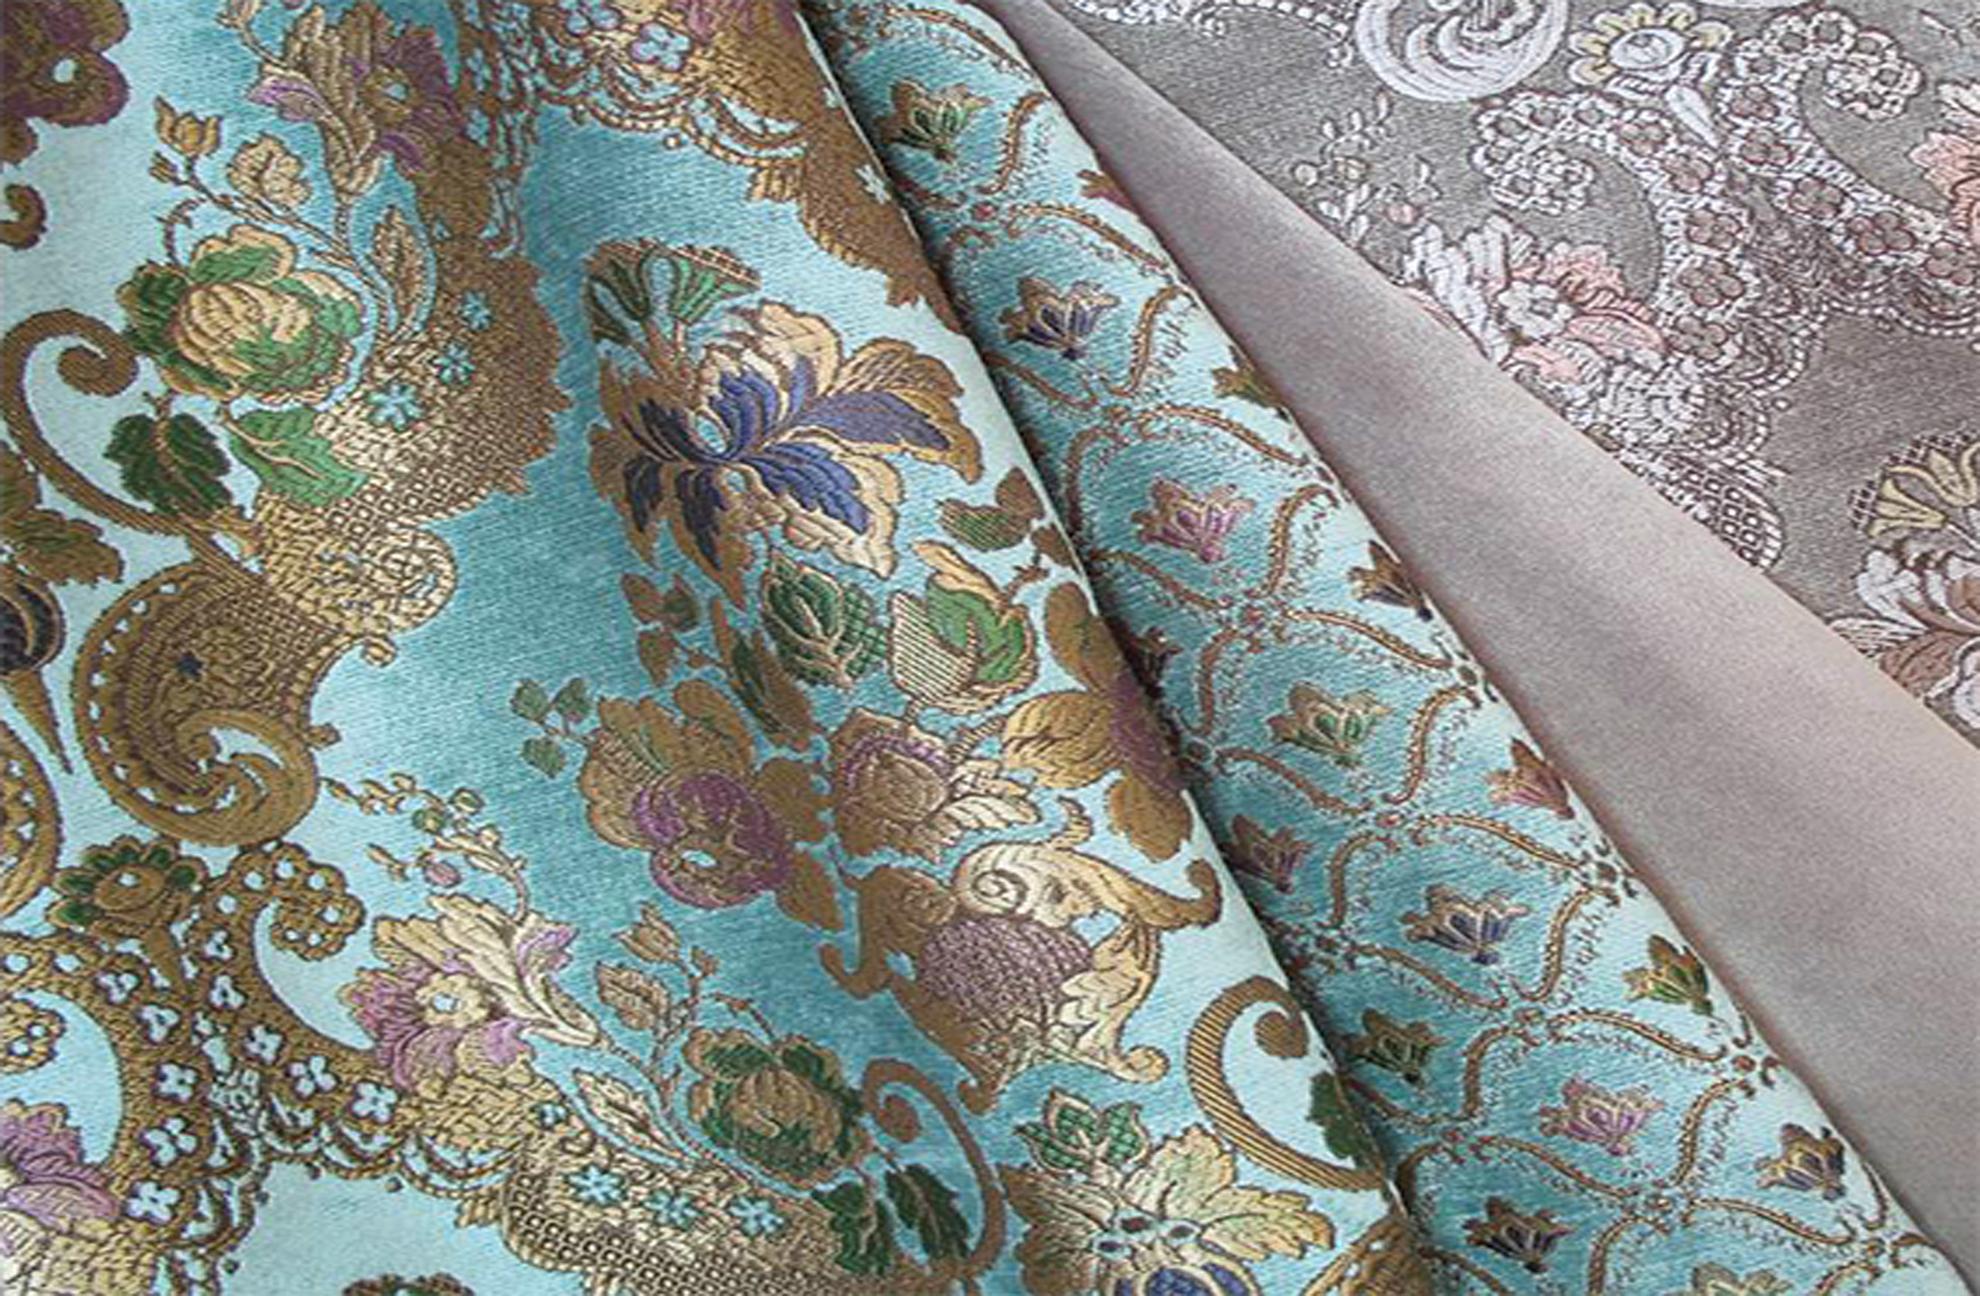 Купить ткань для обивки мебели в ростове на дону купить купить ткань опт в москве